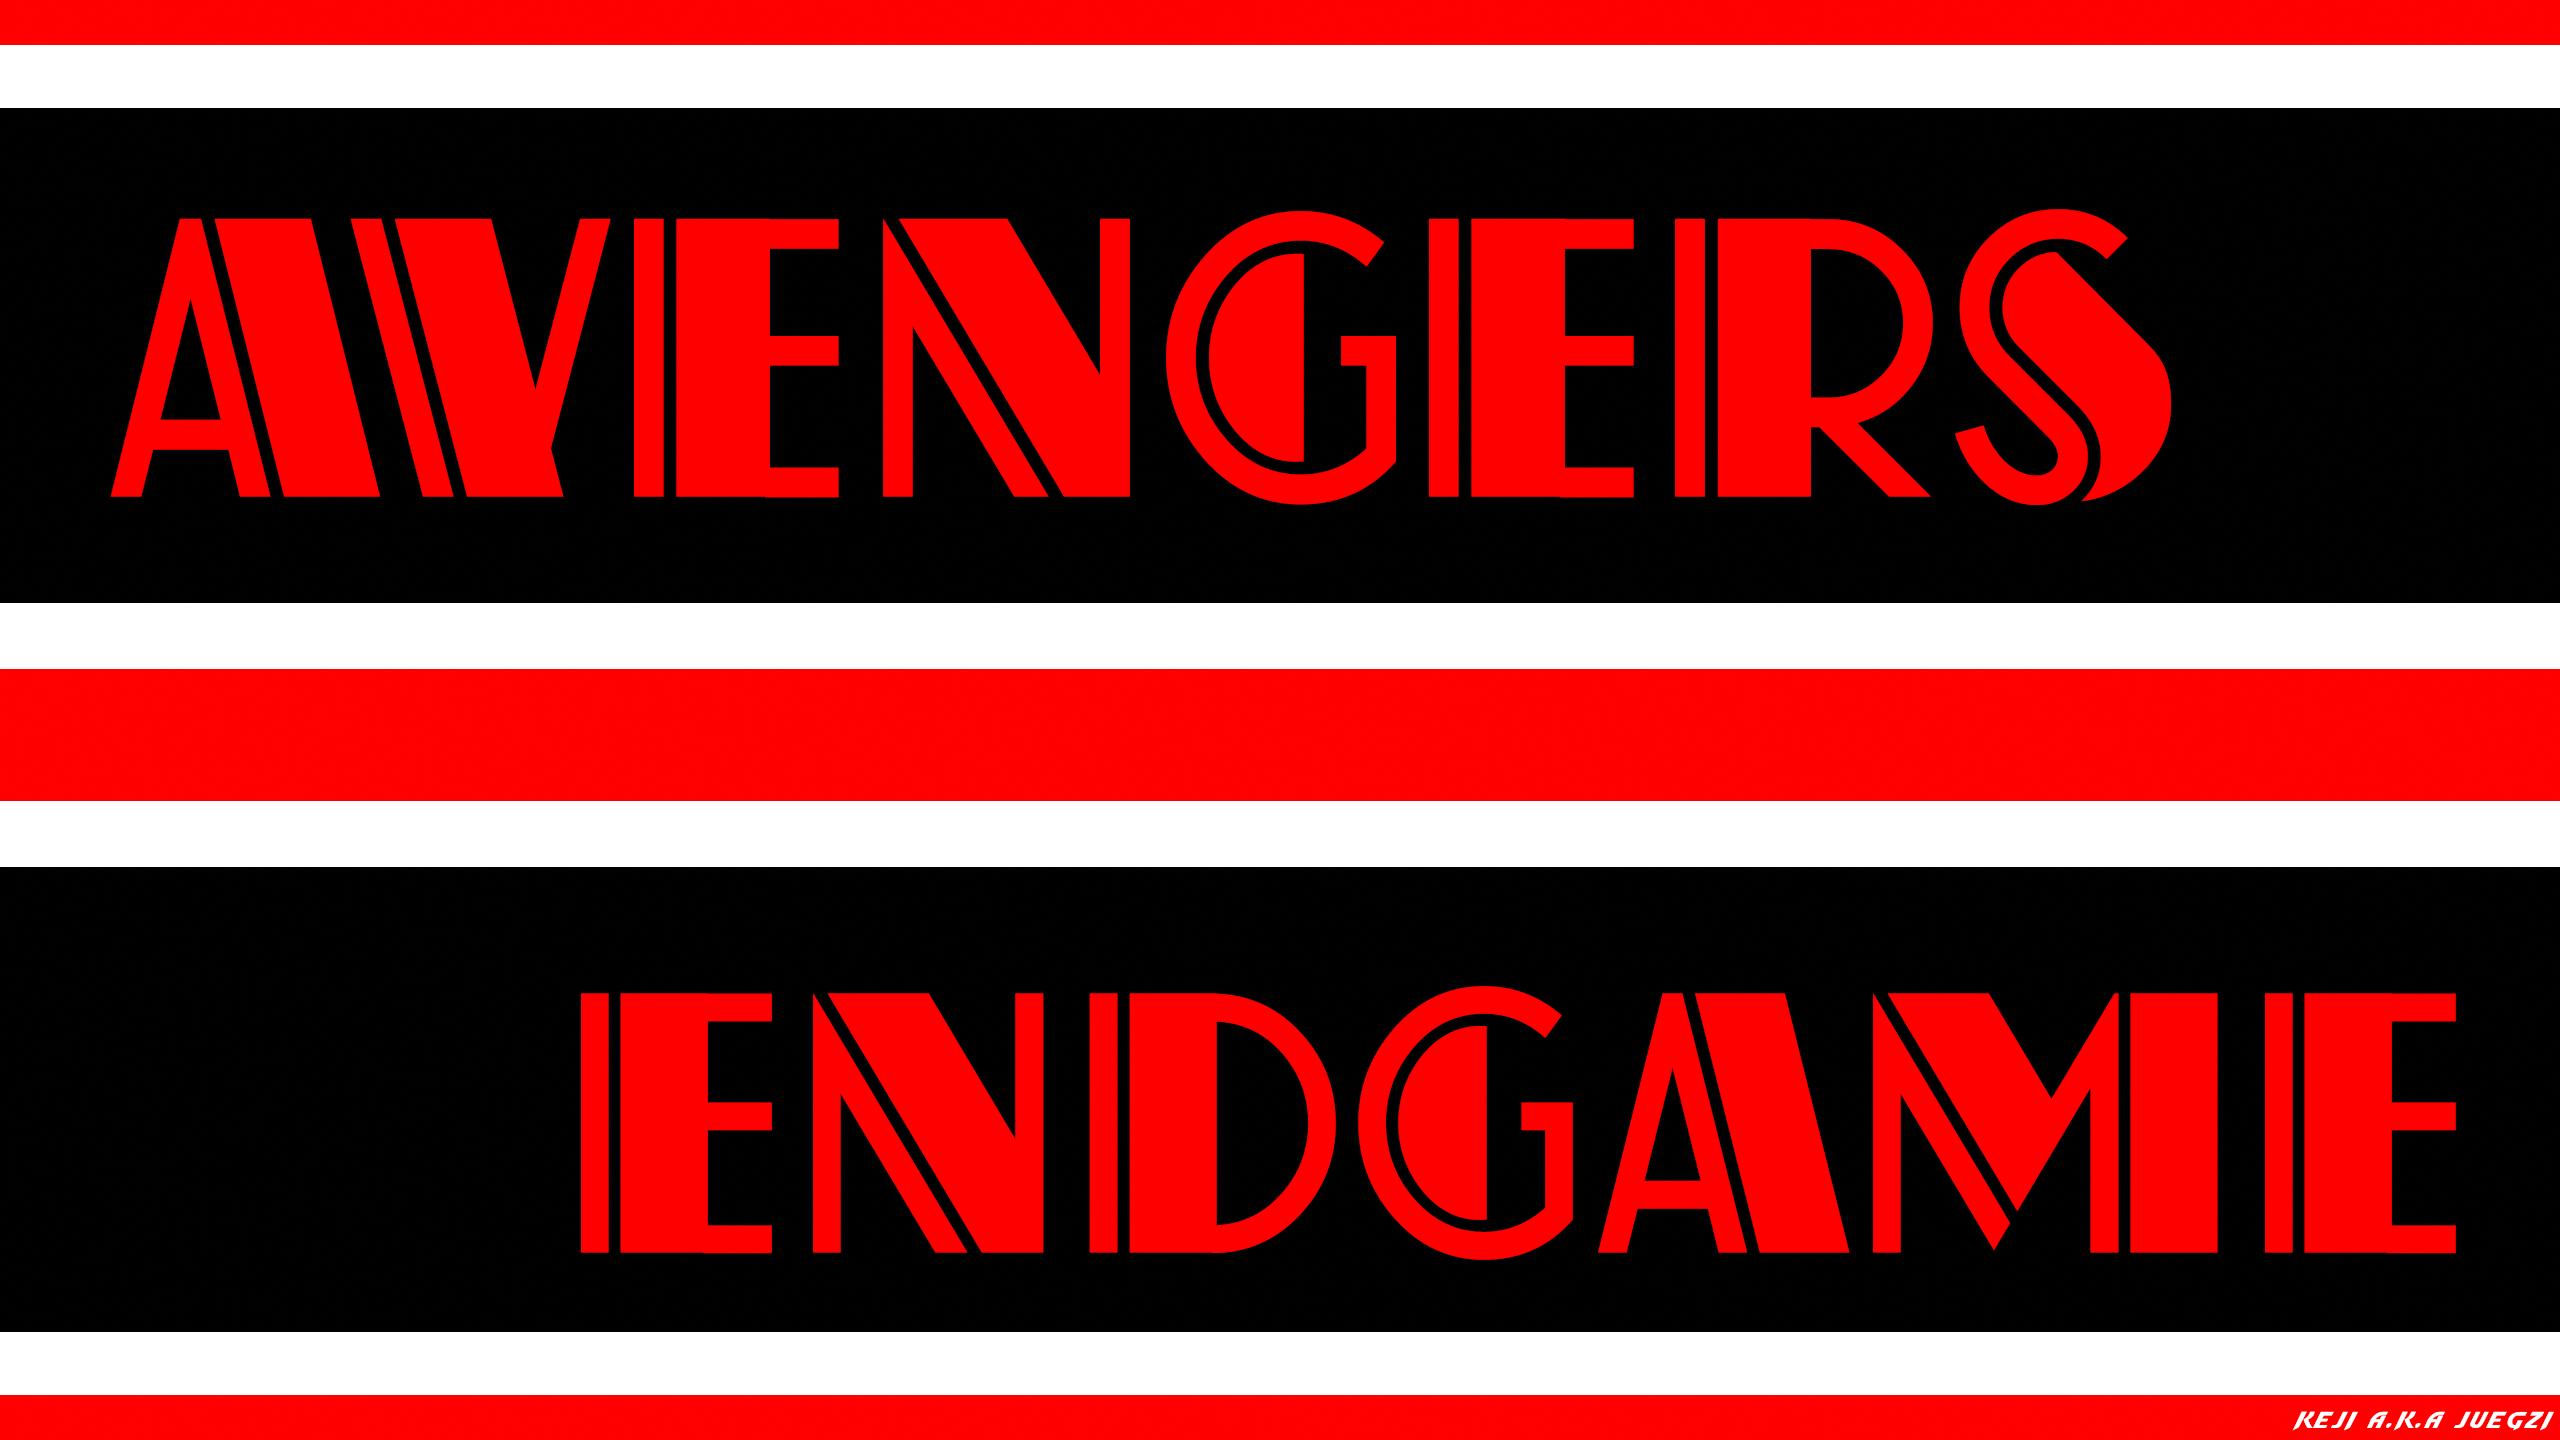 Avengers Endgame Text Fond Décran Hd Arrière Plan